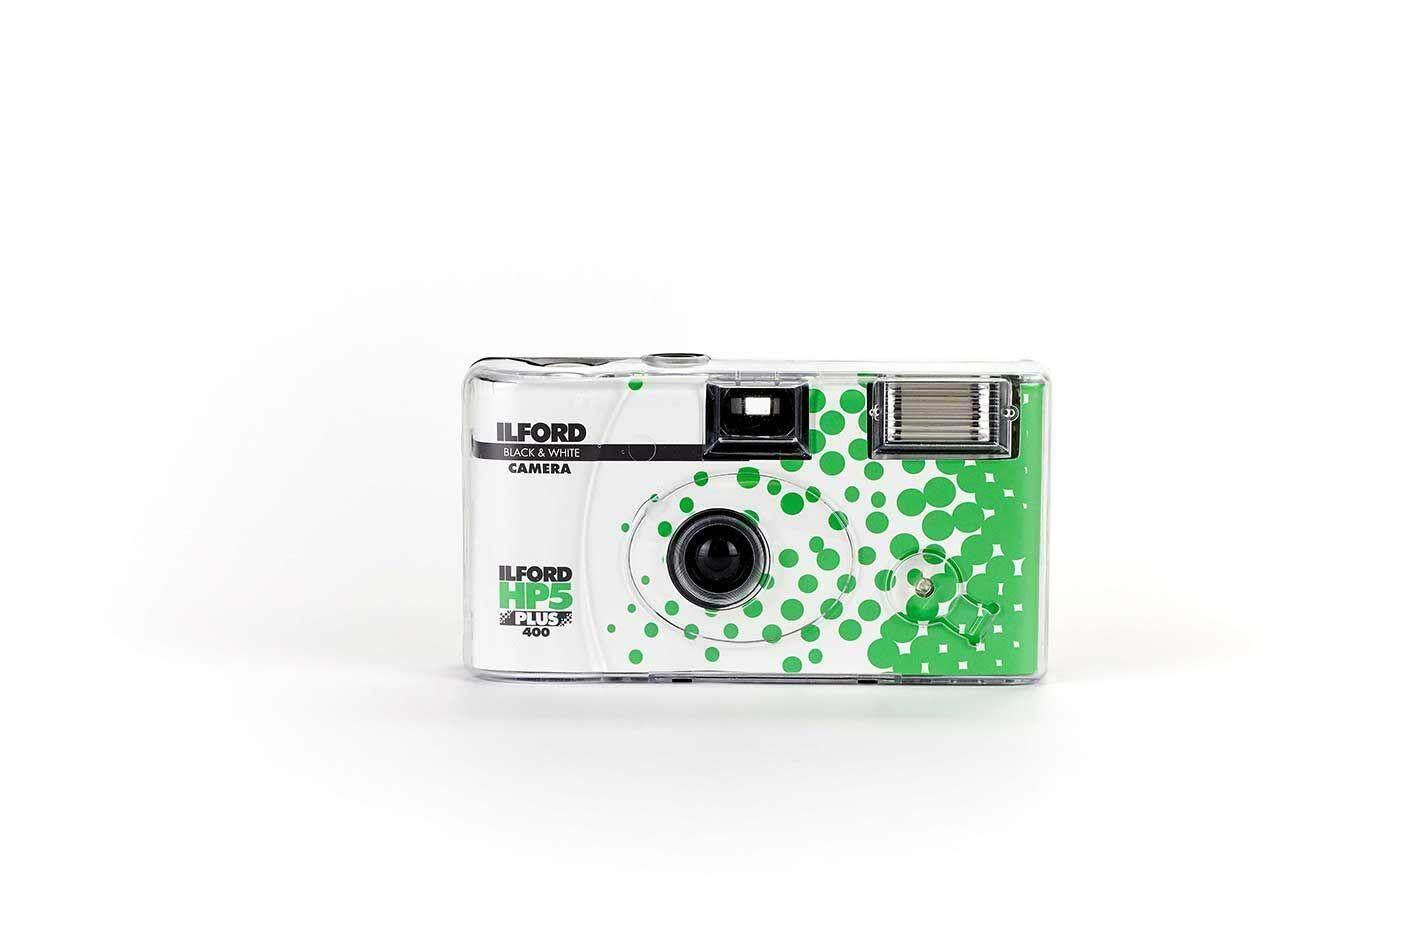 กล้องฟิล์มขาวดำ Single Use Camera Ilford Hp5 Xp2 400 35มม. 27exp กล้องใช้แล้วทิ้ง 35mm Film By Bkkfilm88.